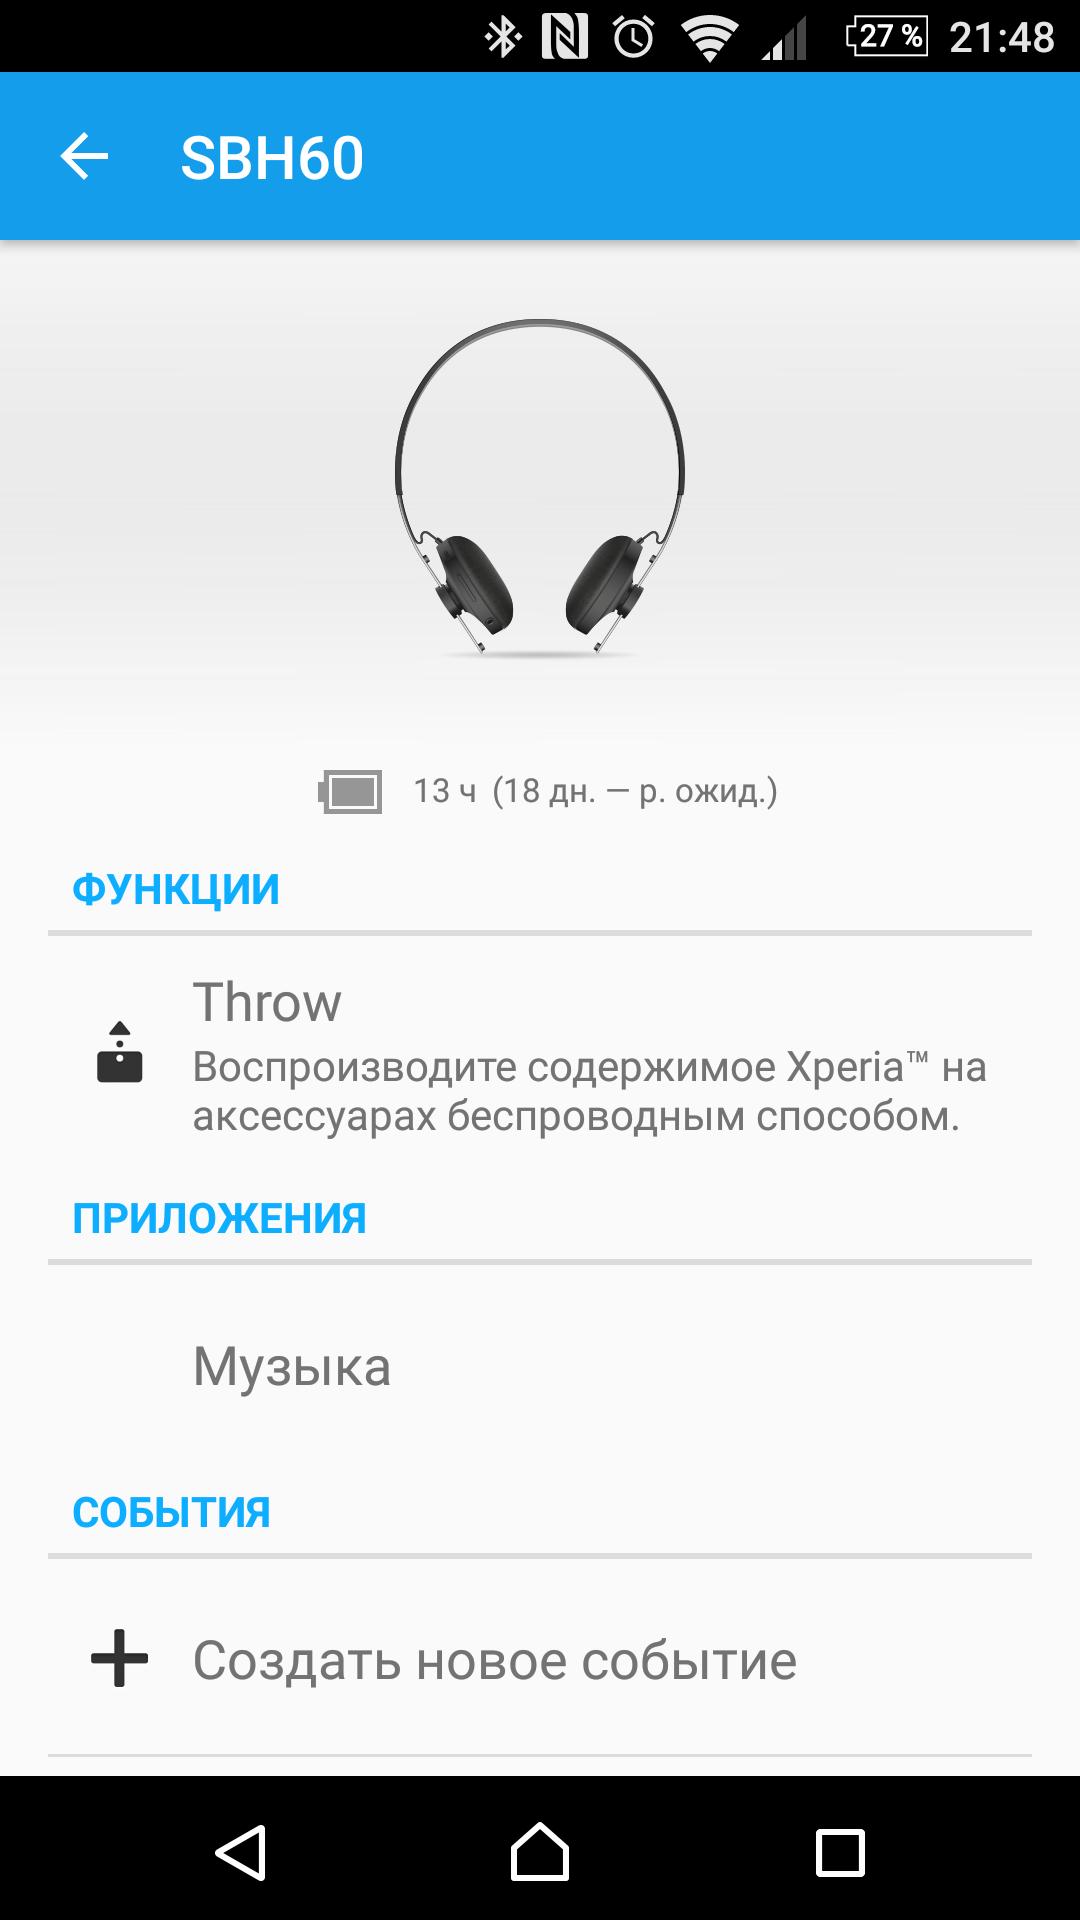 http://img-fotki.yandex.ru/get/197741/15793528.5/0_149a5f_47b00a2c_orig